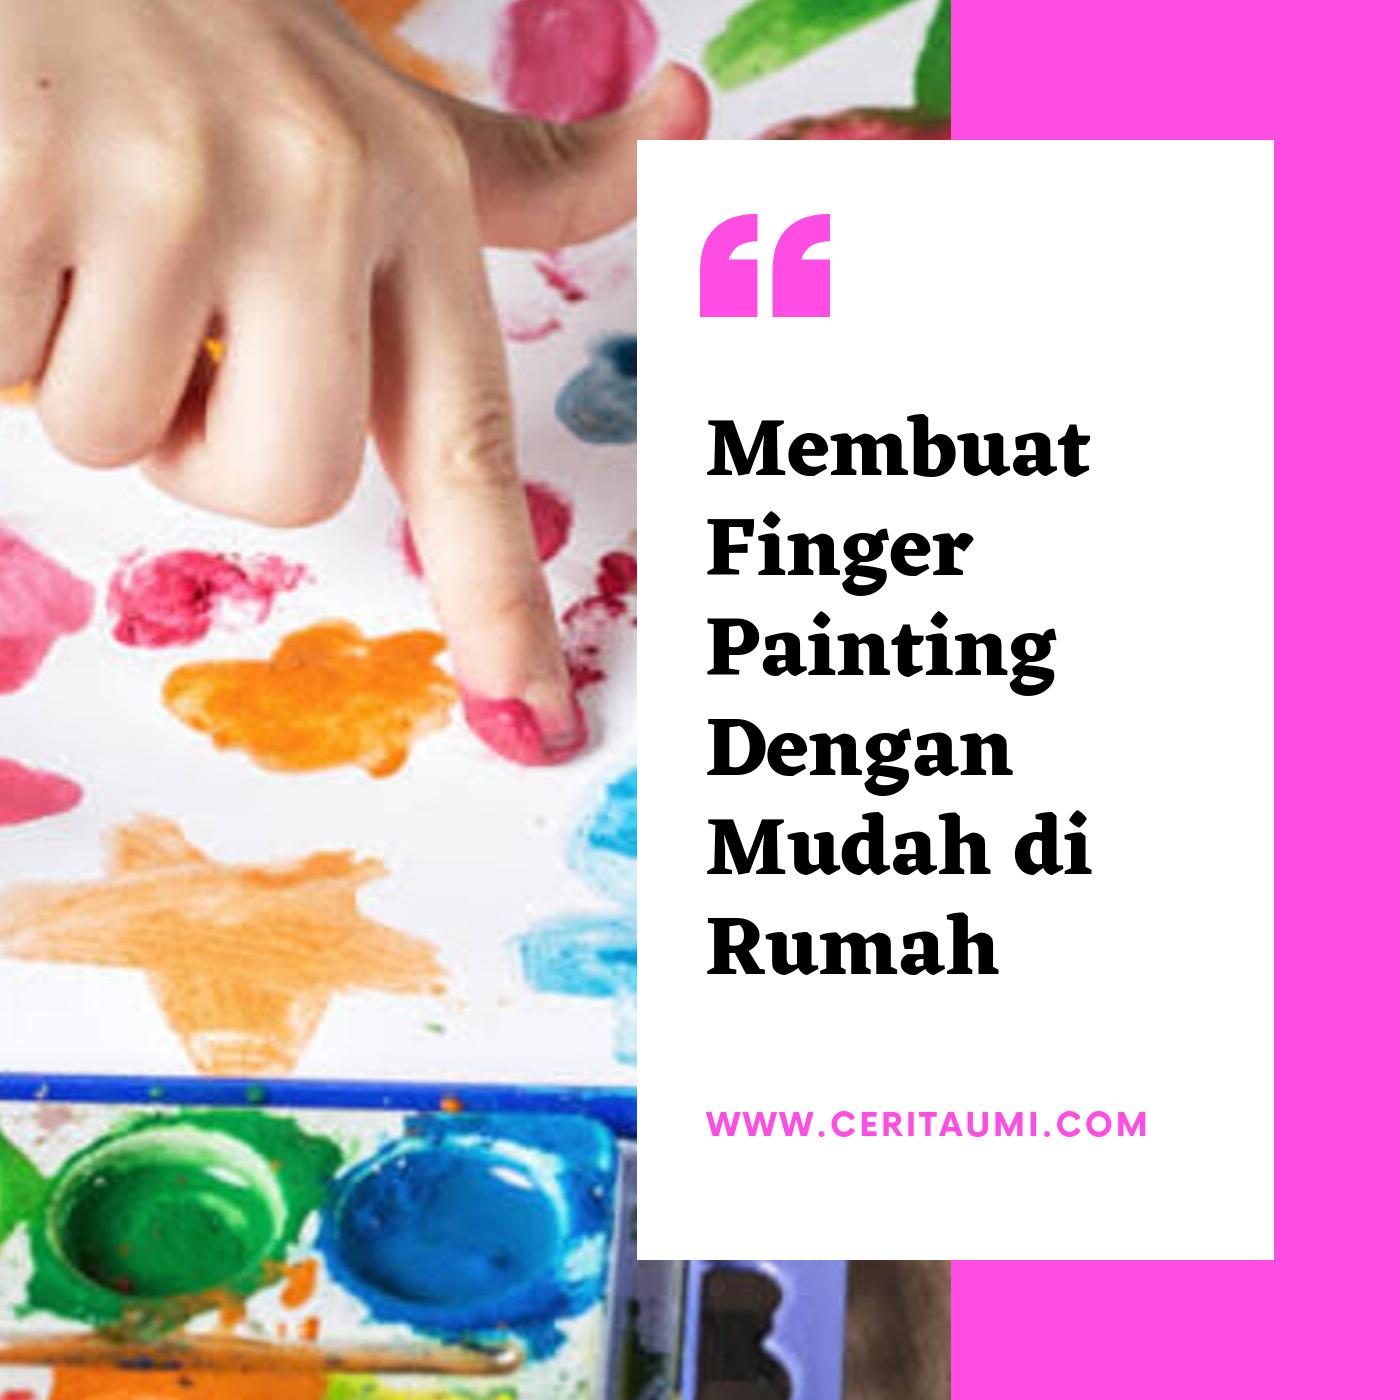 Membuat Finger Painting Dengan Mudah Di Rumah Cerita Umi